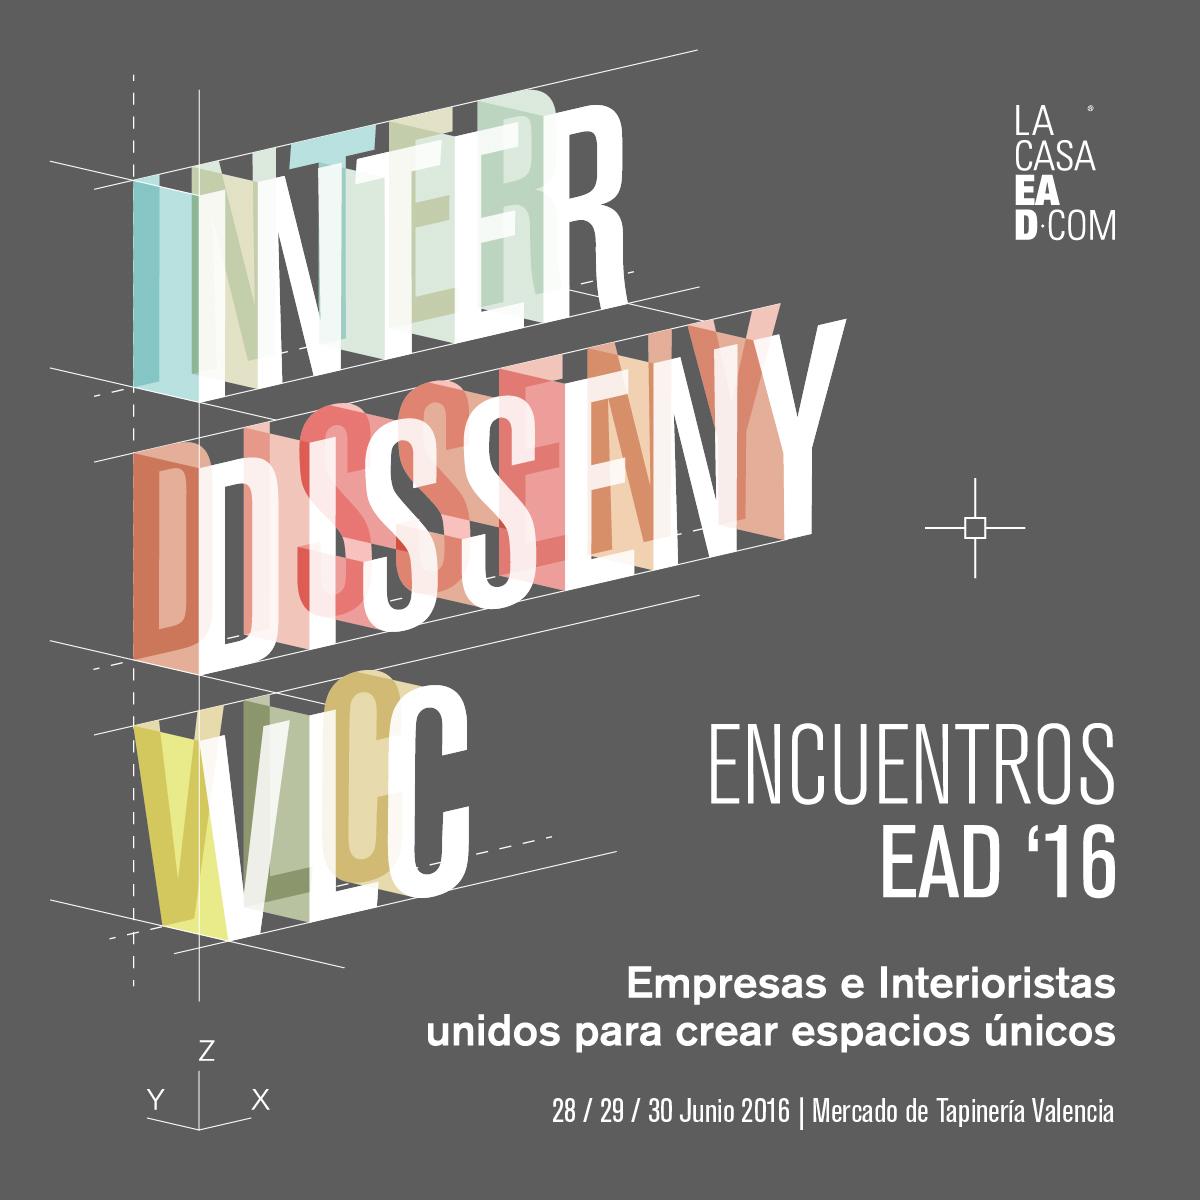 Encuentros-EAD-2016_1.1_Gris_30May